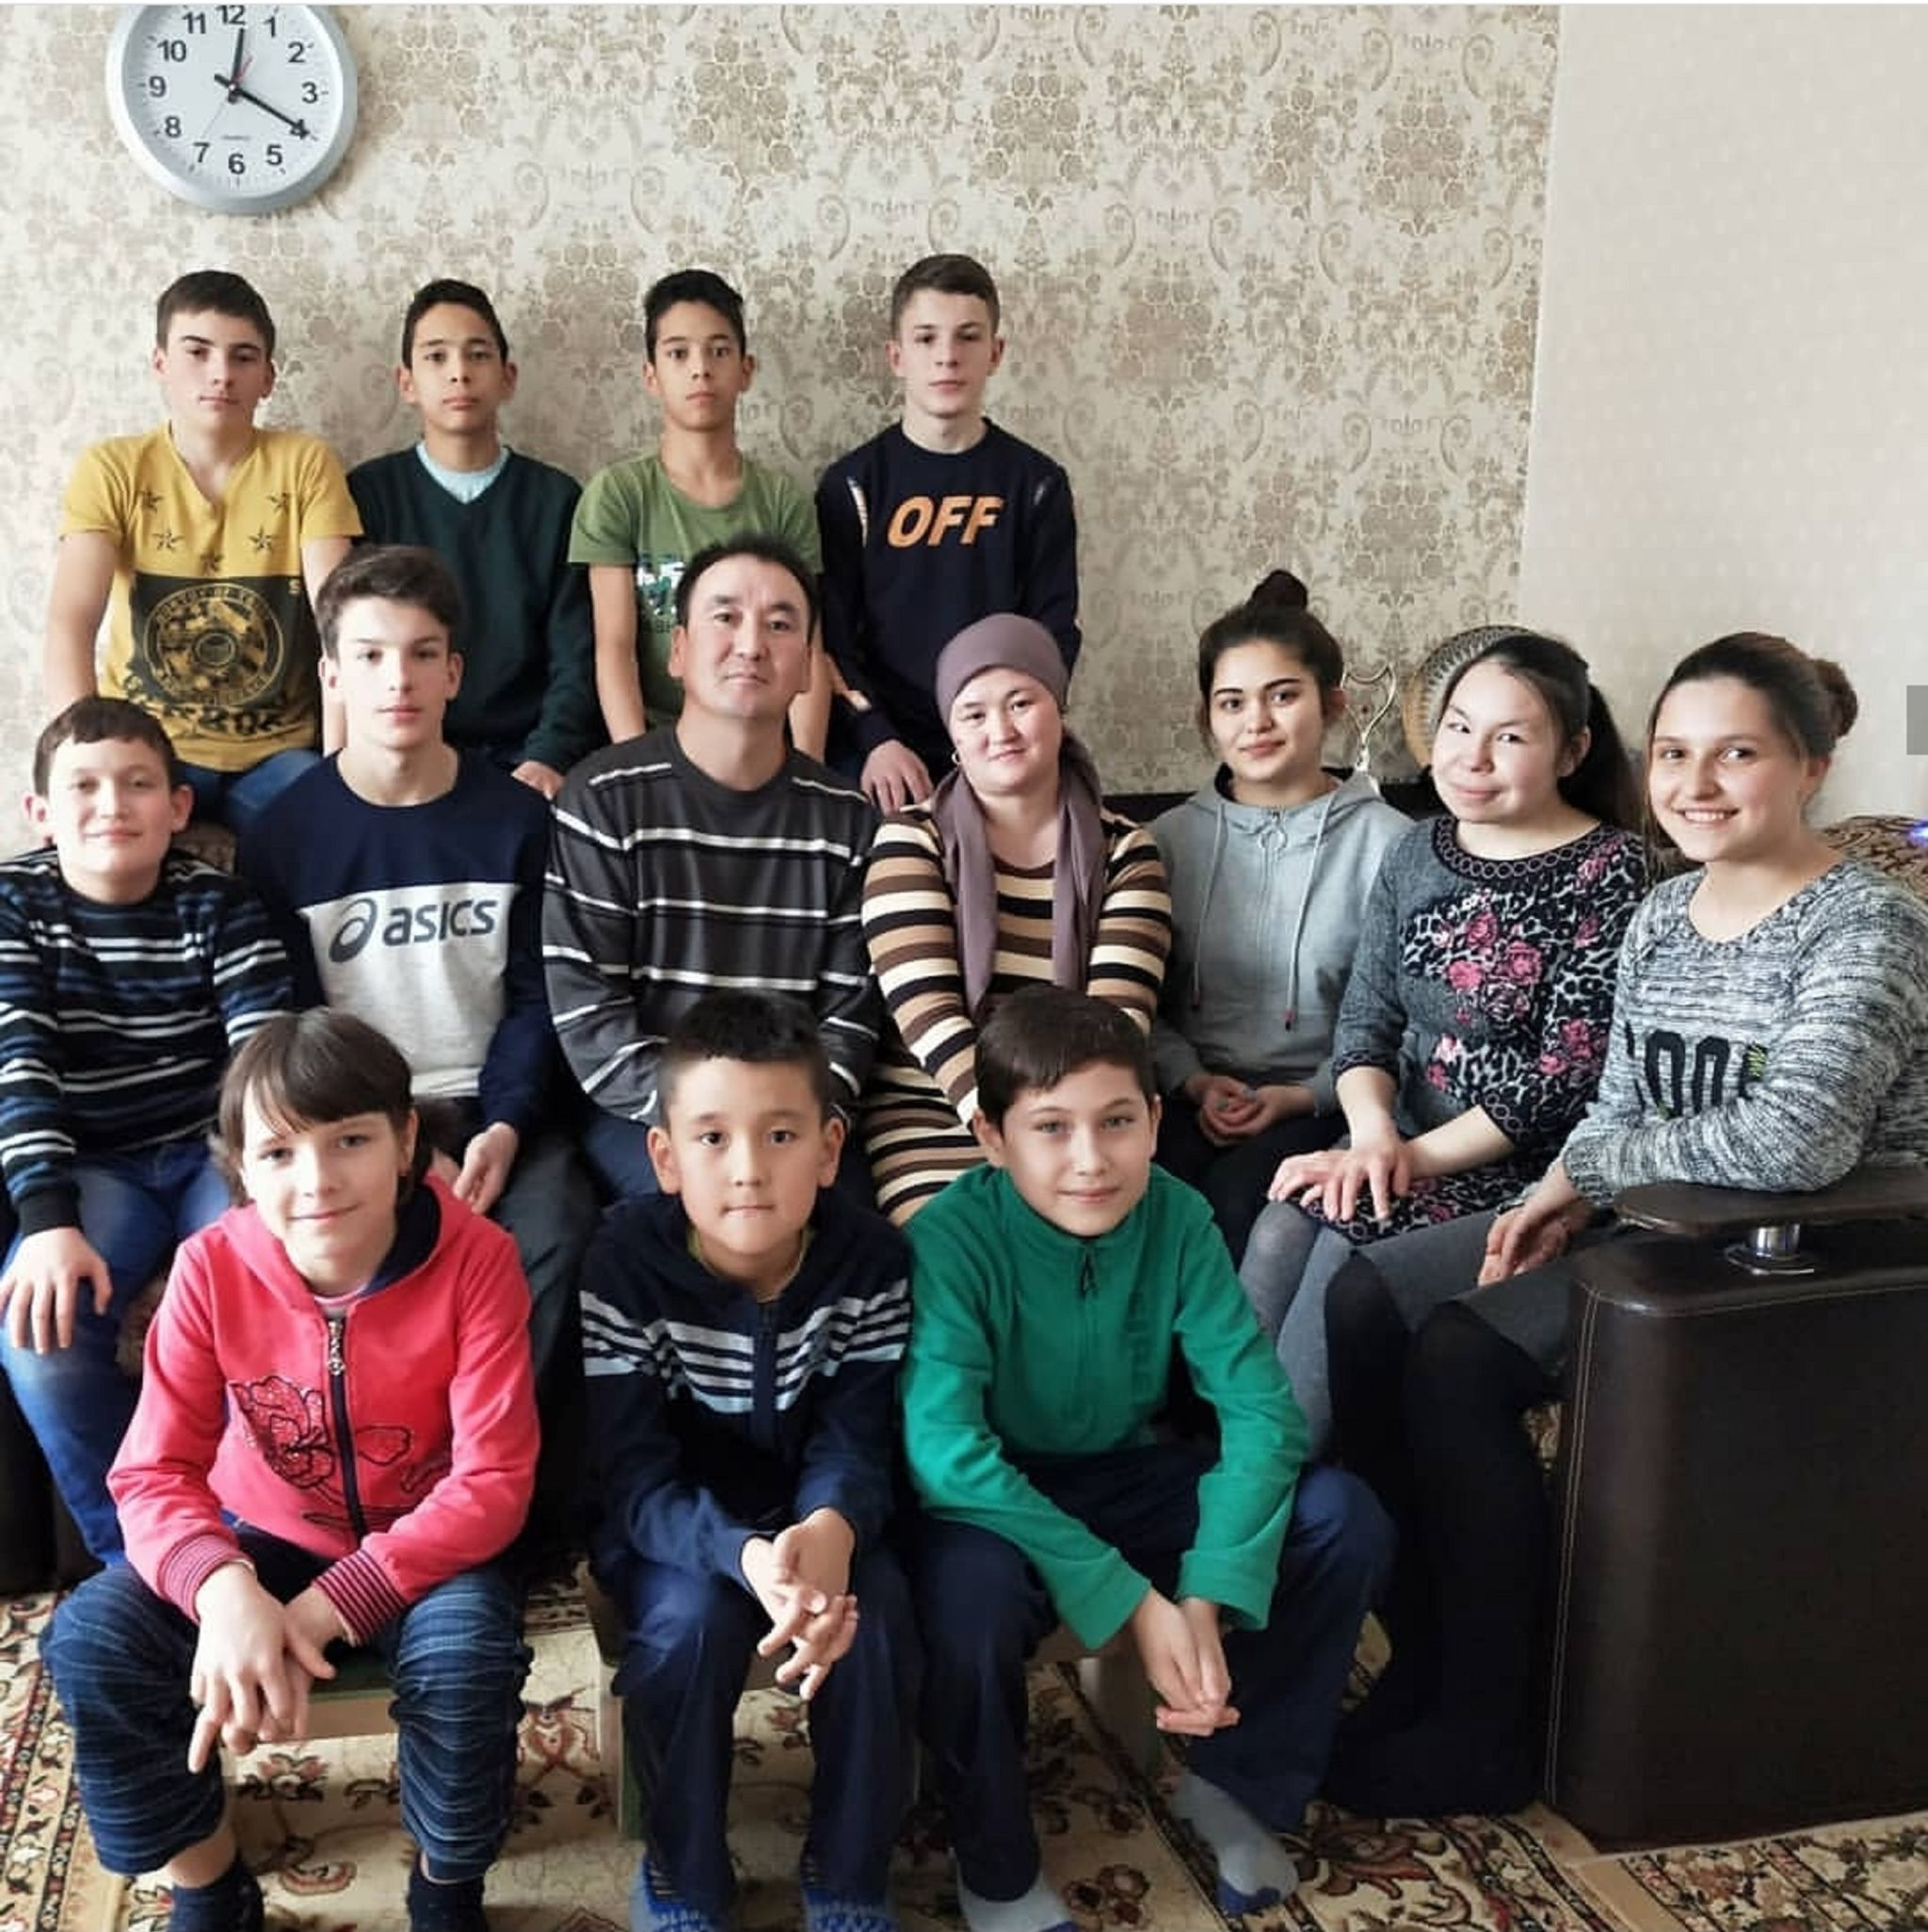 Карантин позволил семье проводить больше времени друг с другом